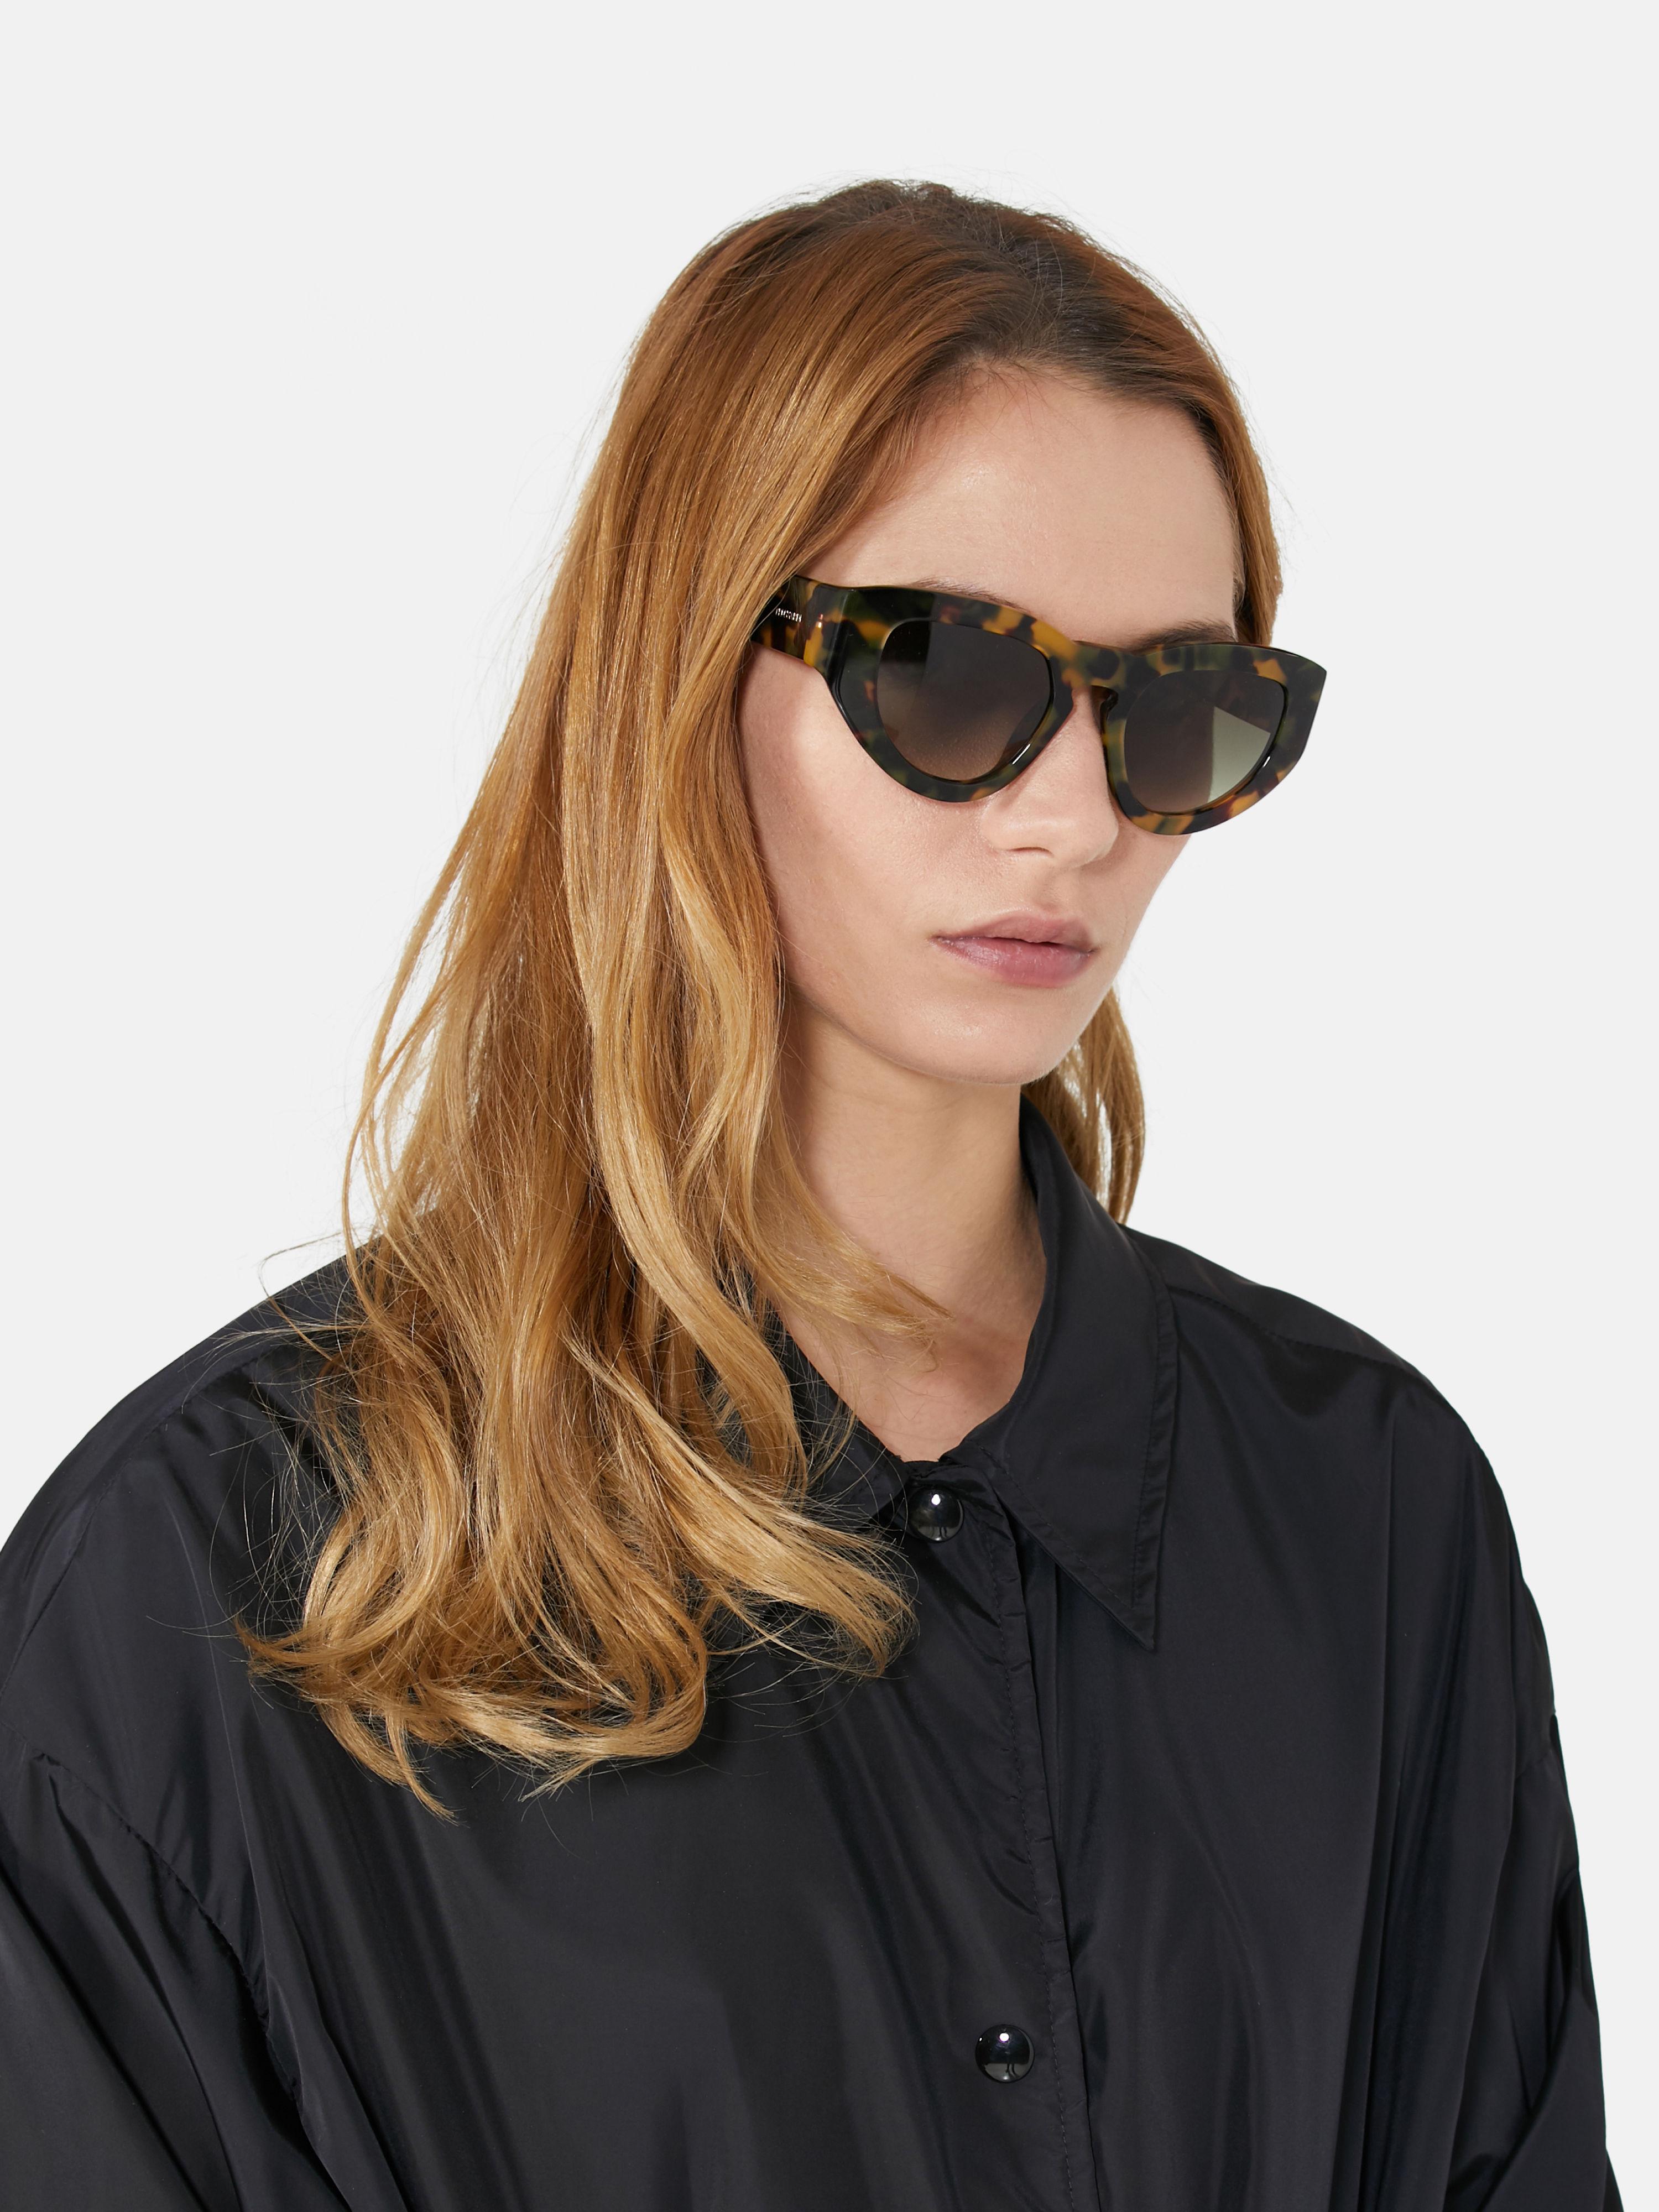 Occhiali da sole Donna Trussardi realizzati interamente in acetato tartarugato, con frontale bold dalla linea leggermente a farfalla e lenti fumé nei toni del marrone.